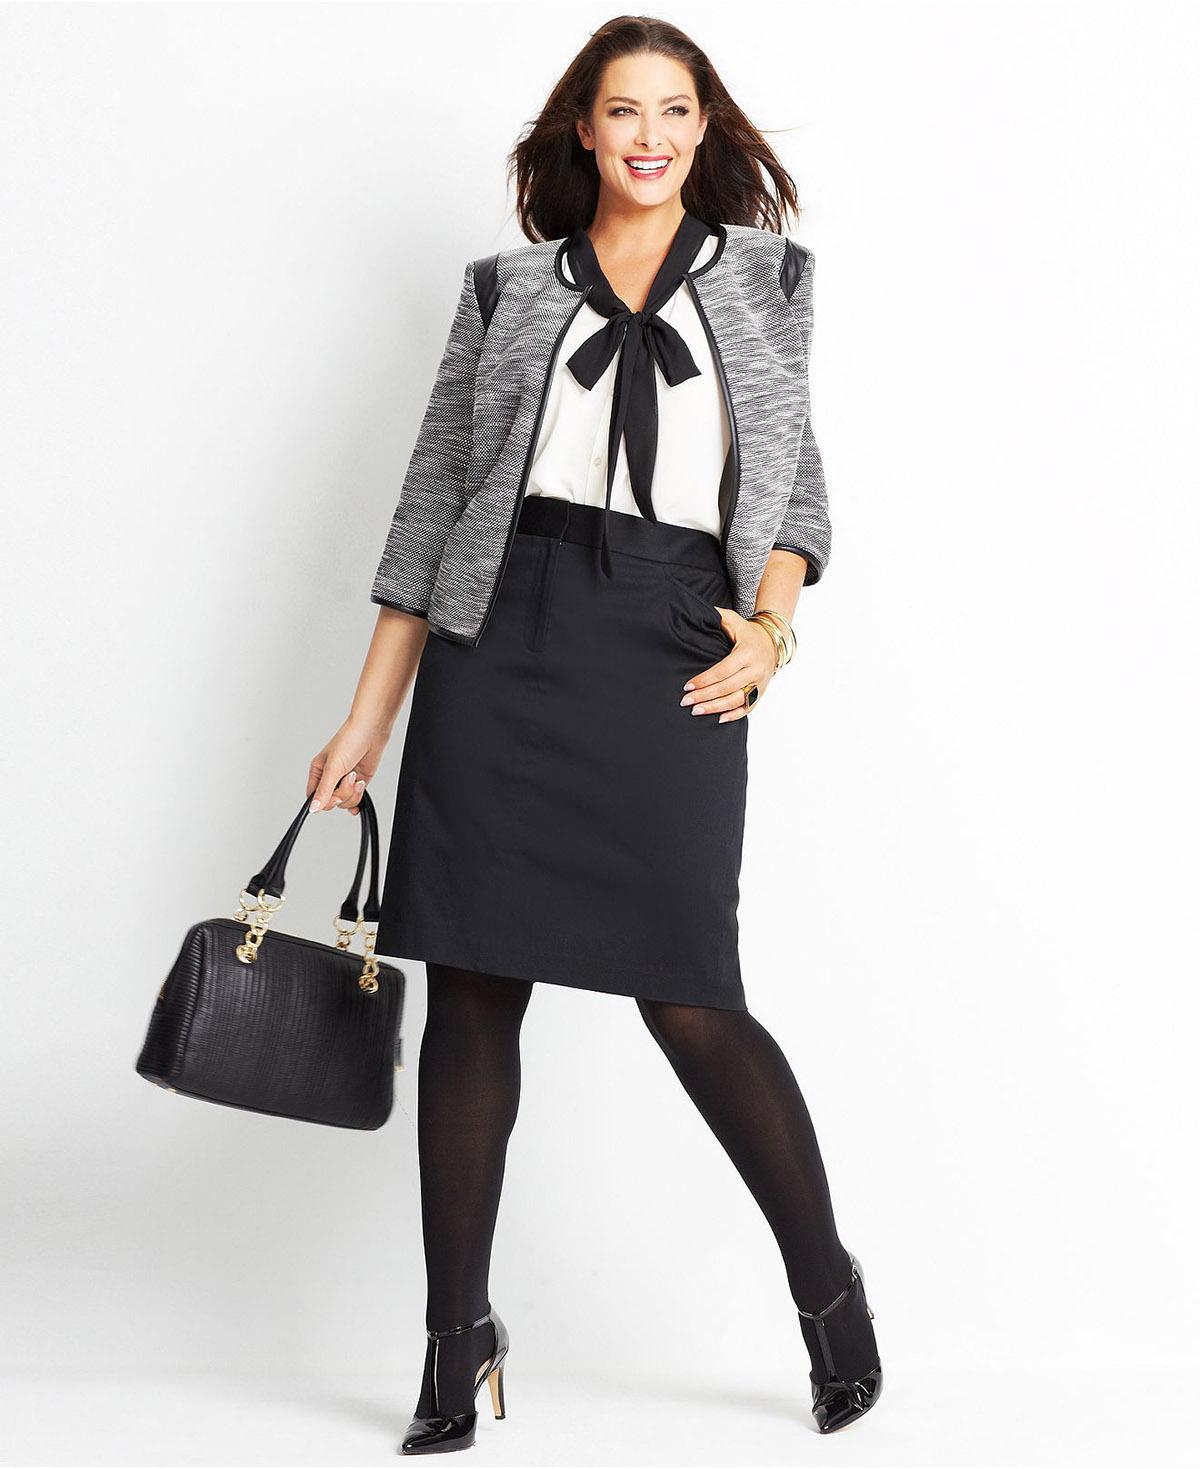 Модные костюмы для полных женщин Модный костюм с черной юбкой для полных  женщин ... 79f471c16f7